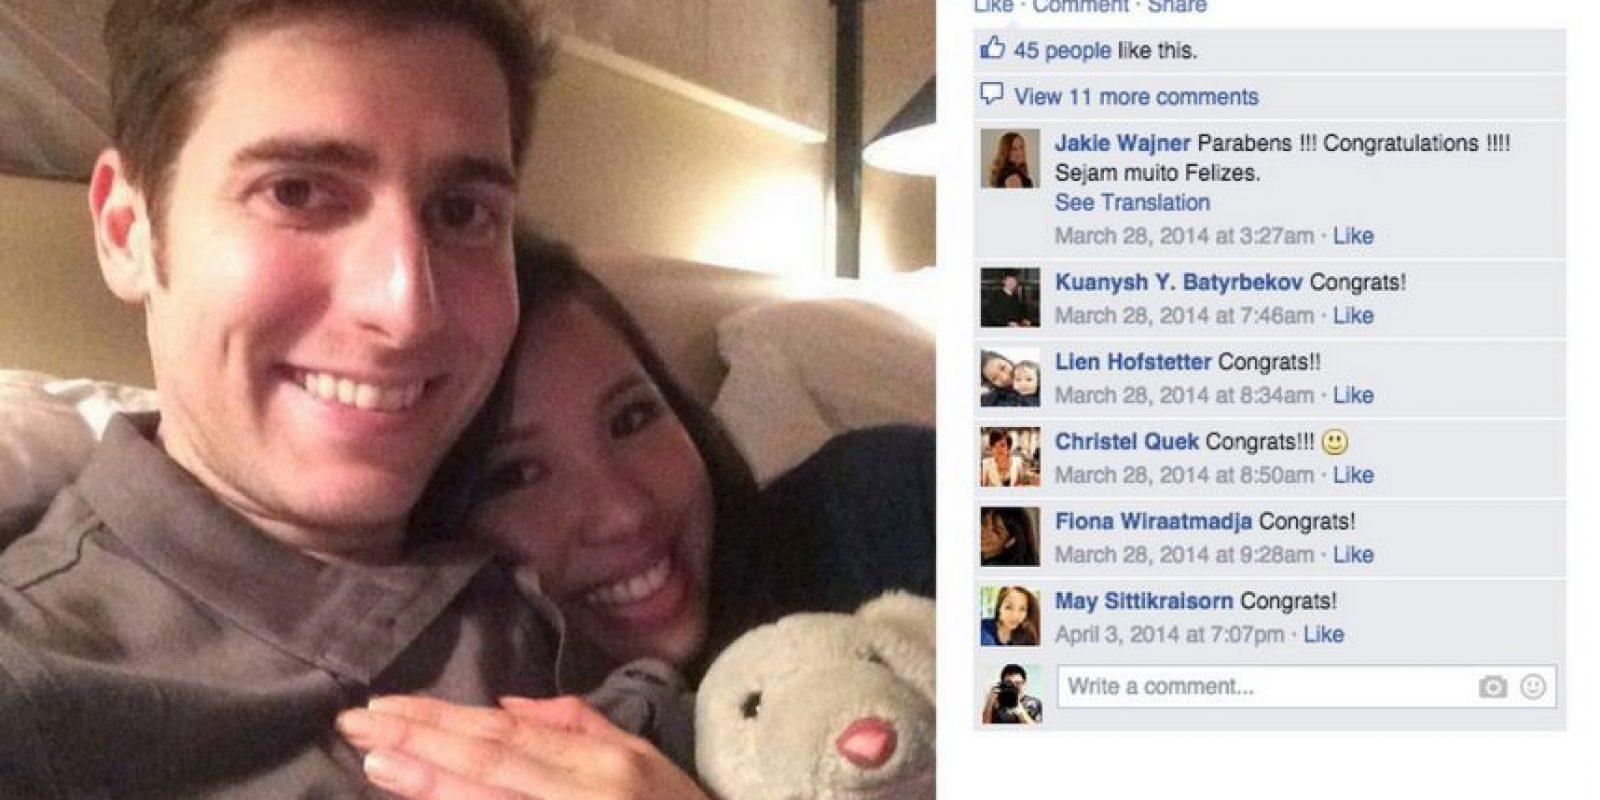 Este es el post que confirmó el compromiso en Facebook. Foto:Eduardo Saverin/Facebook